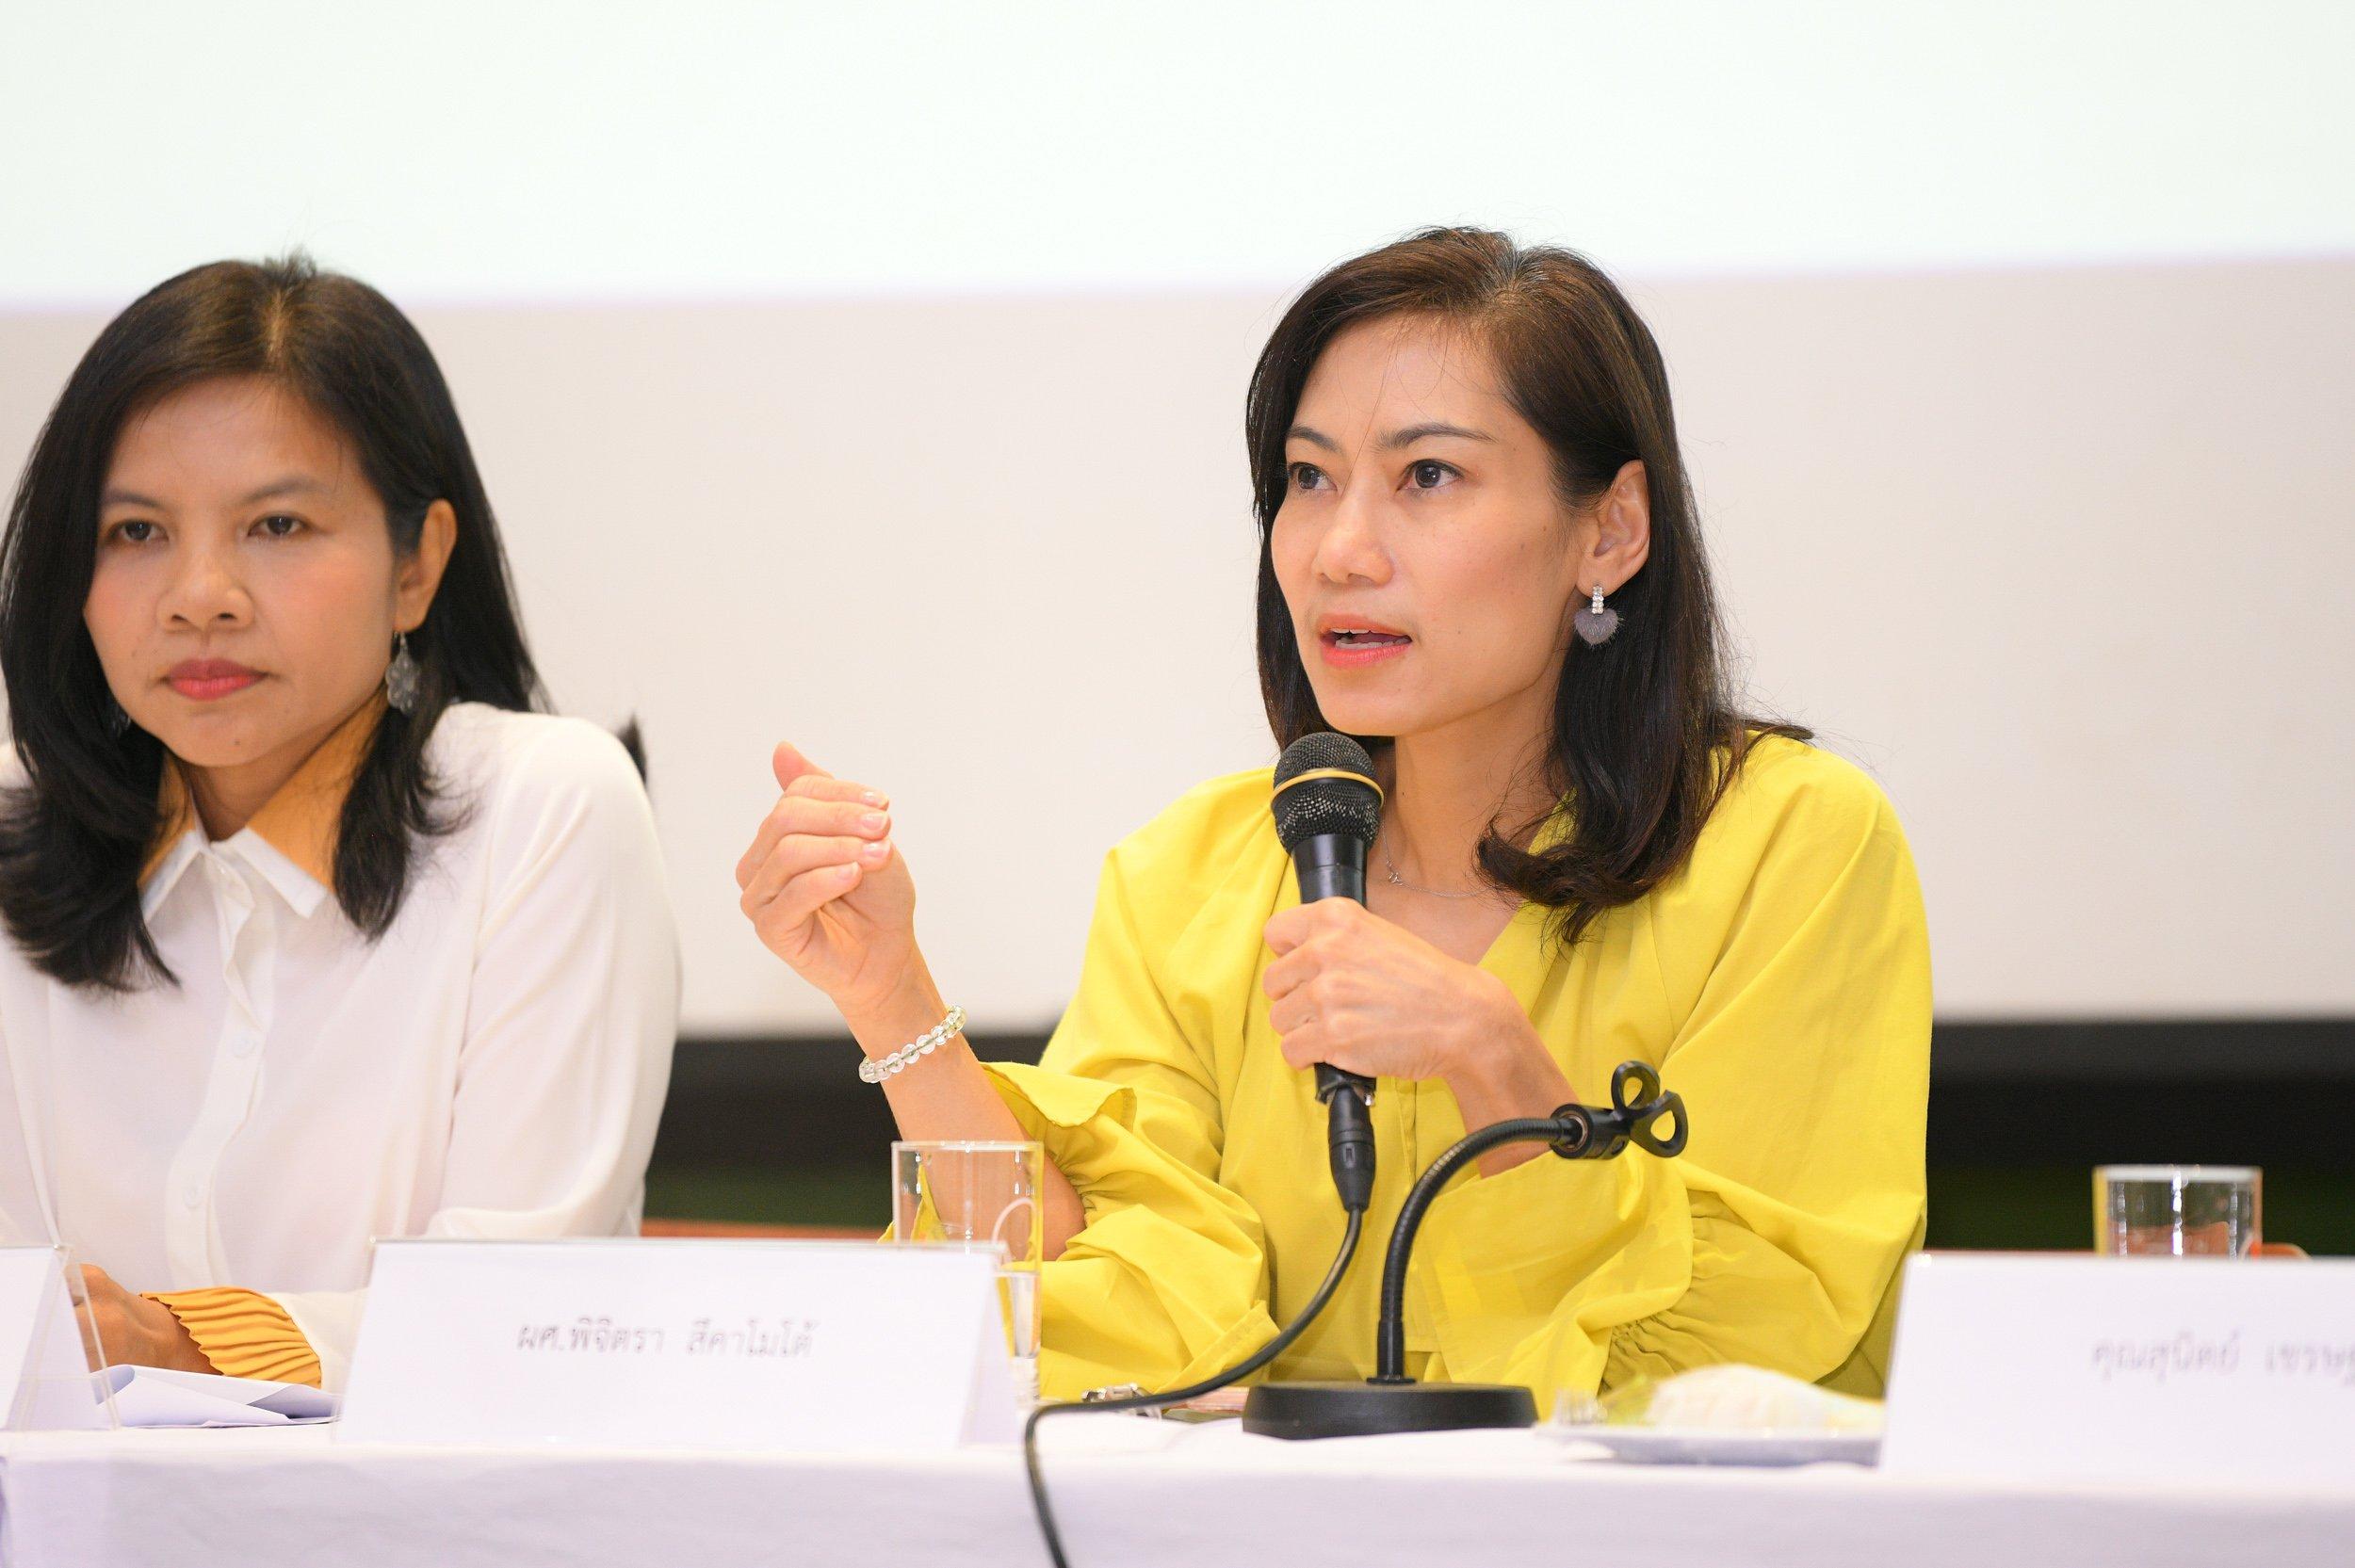 จี้โลกออนไลน์เปิดพื้นที่ตรวจข่าวลวง ลดความเกลียดชัง thaihealth